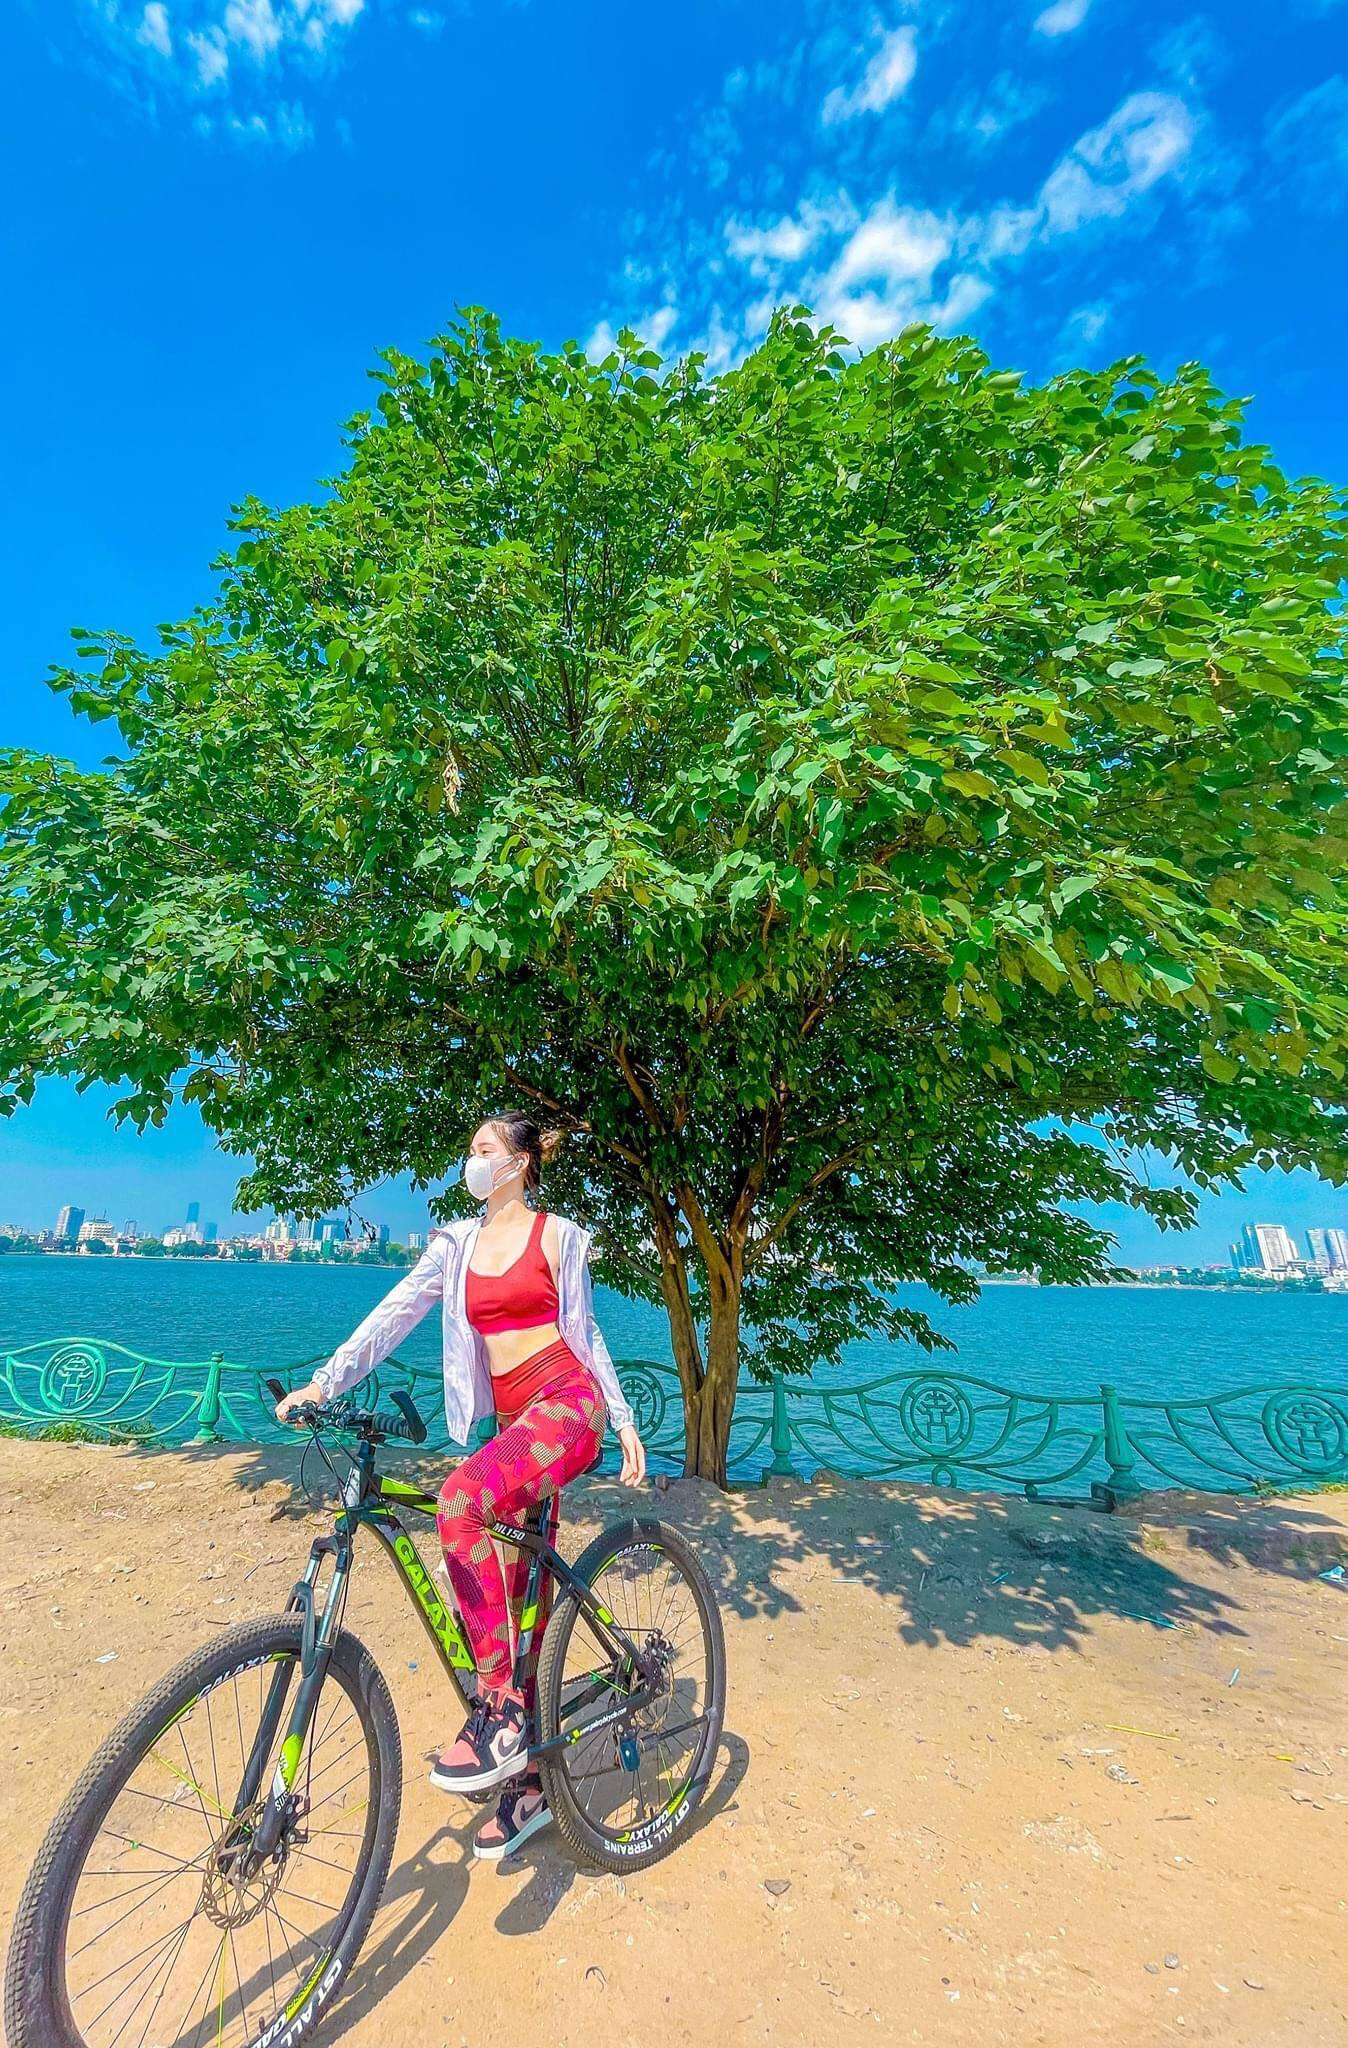 """Chân dung nữ sinh 2K bịt khẩu trang đạp xe thể dục vẫn """"gây thương nhớ"""""""